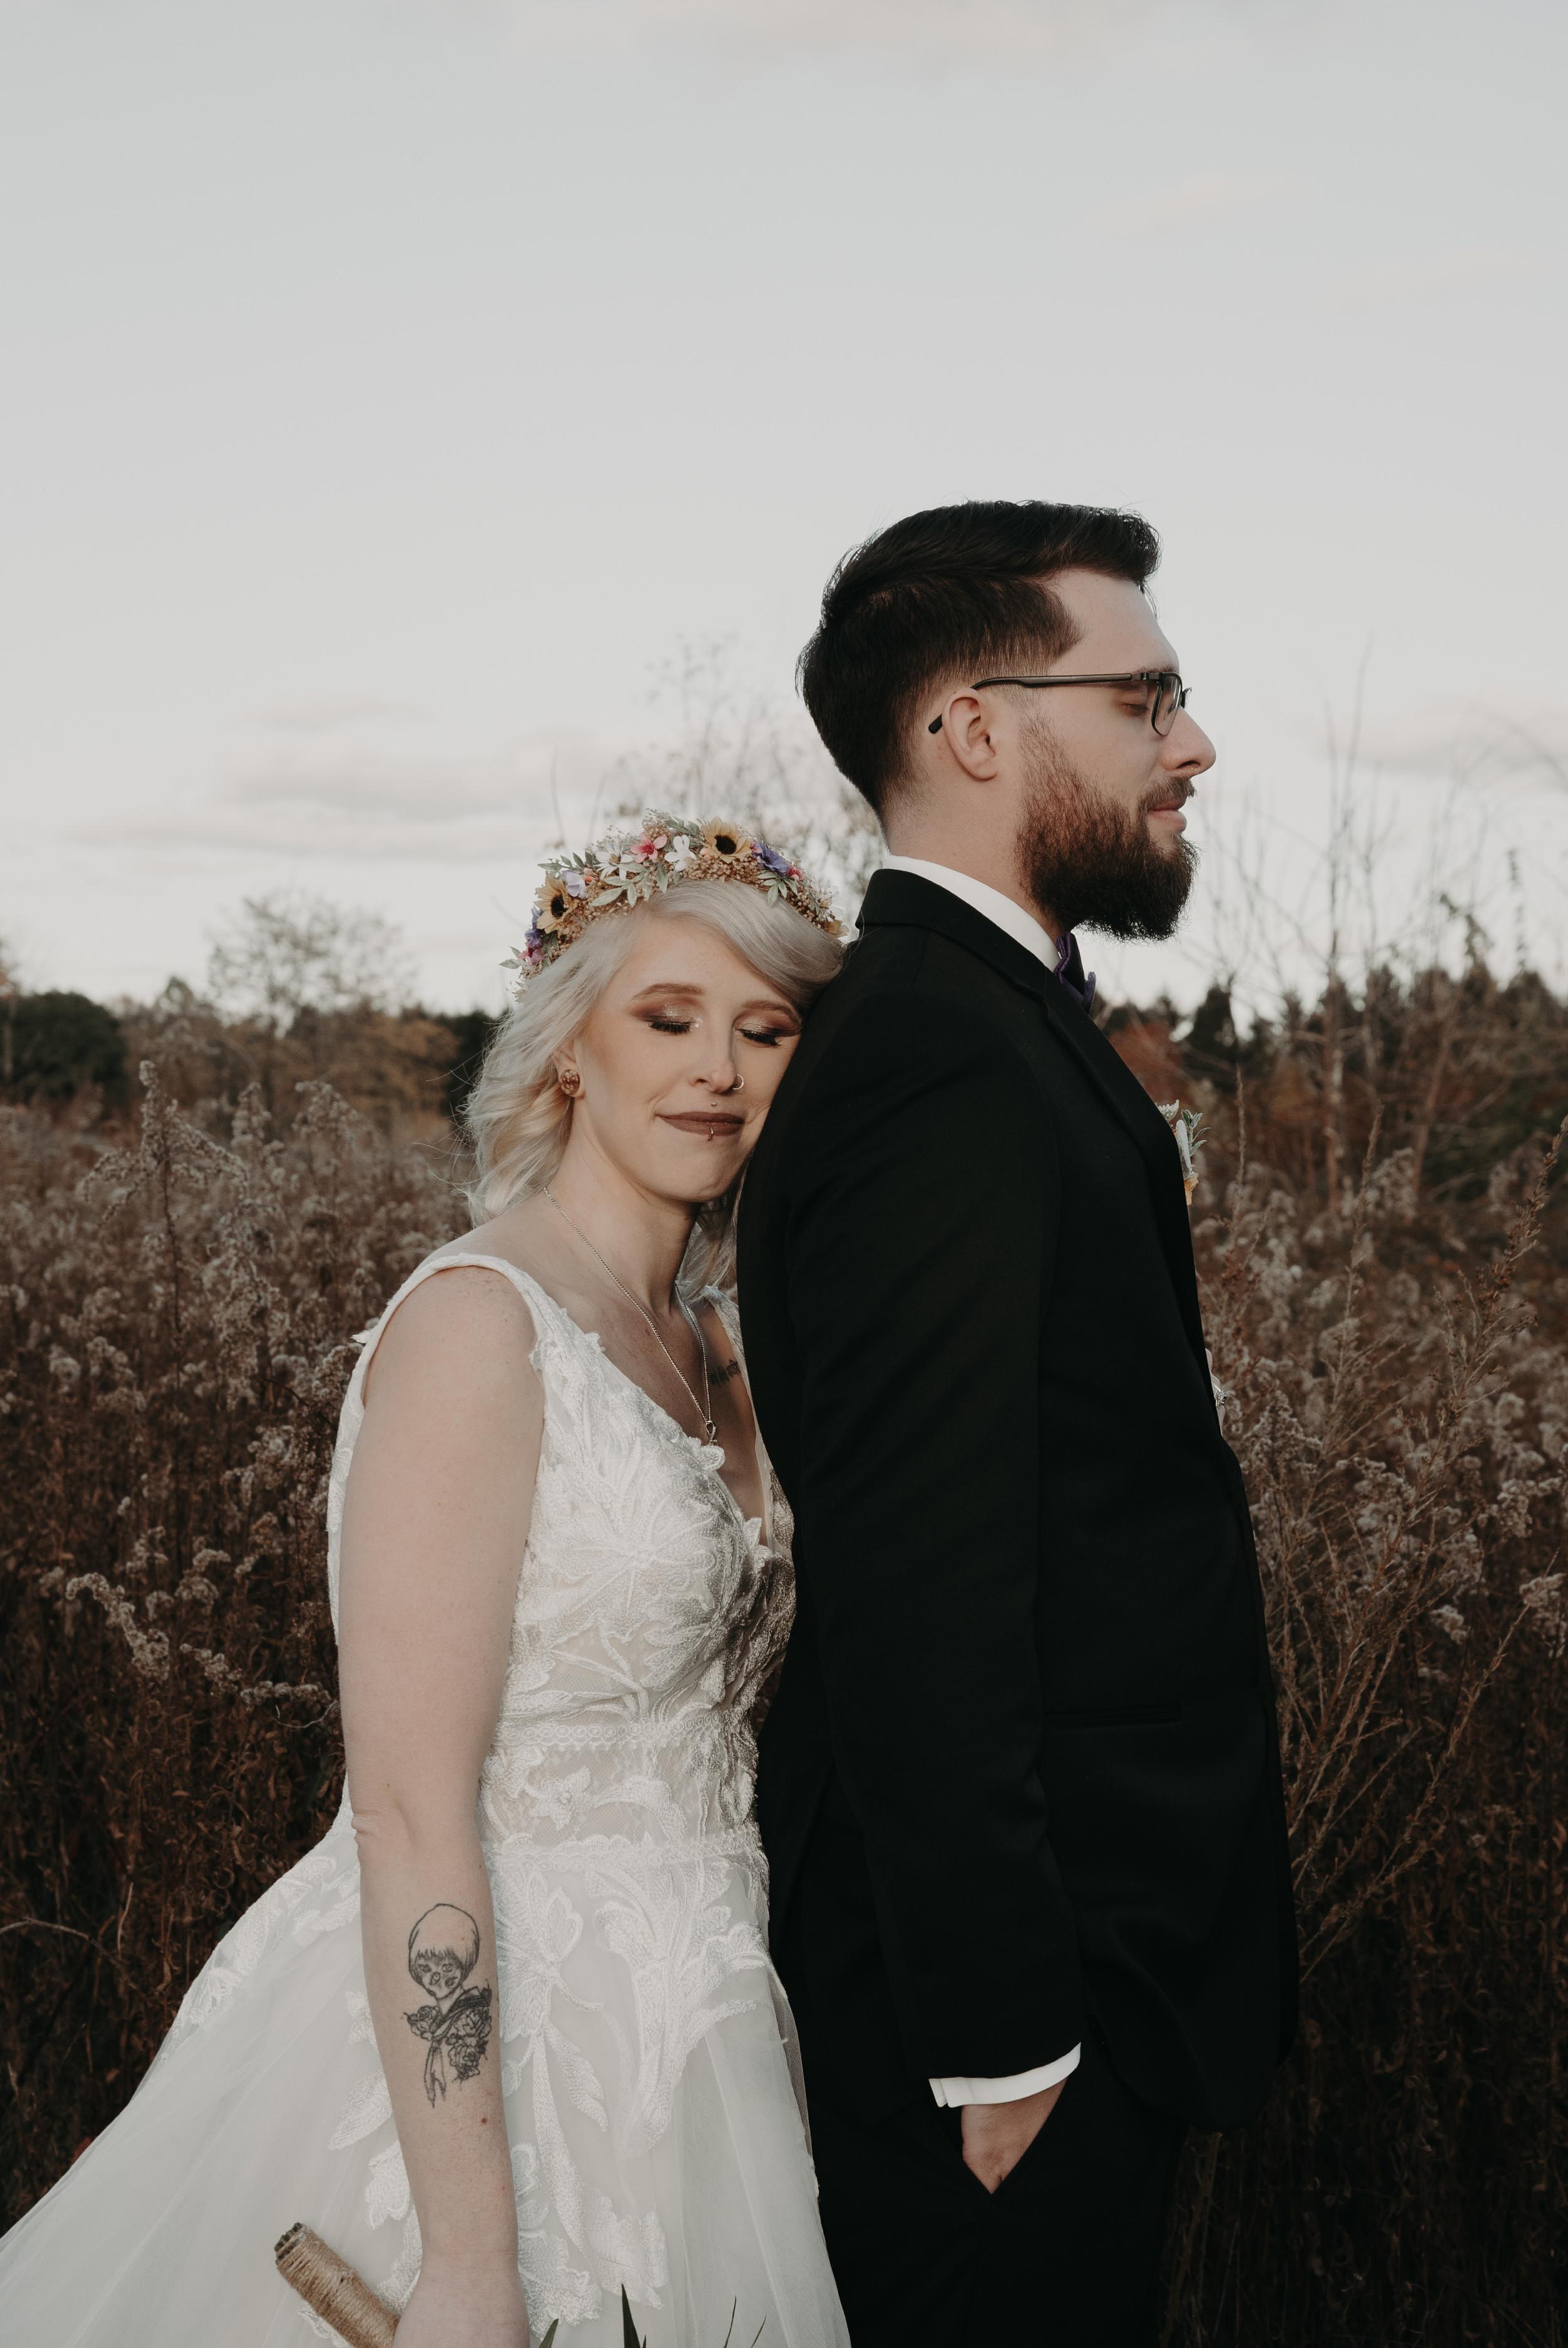 Indiana Wedding Photographer   Ashley Vandervelde Photography